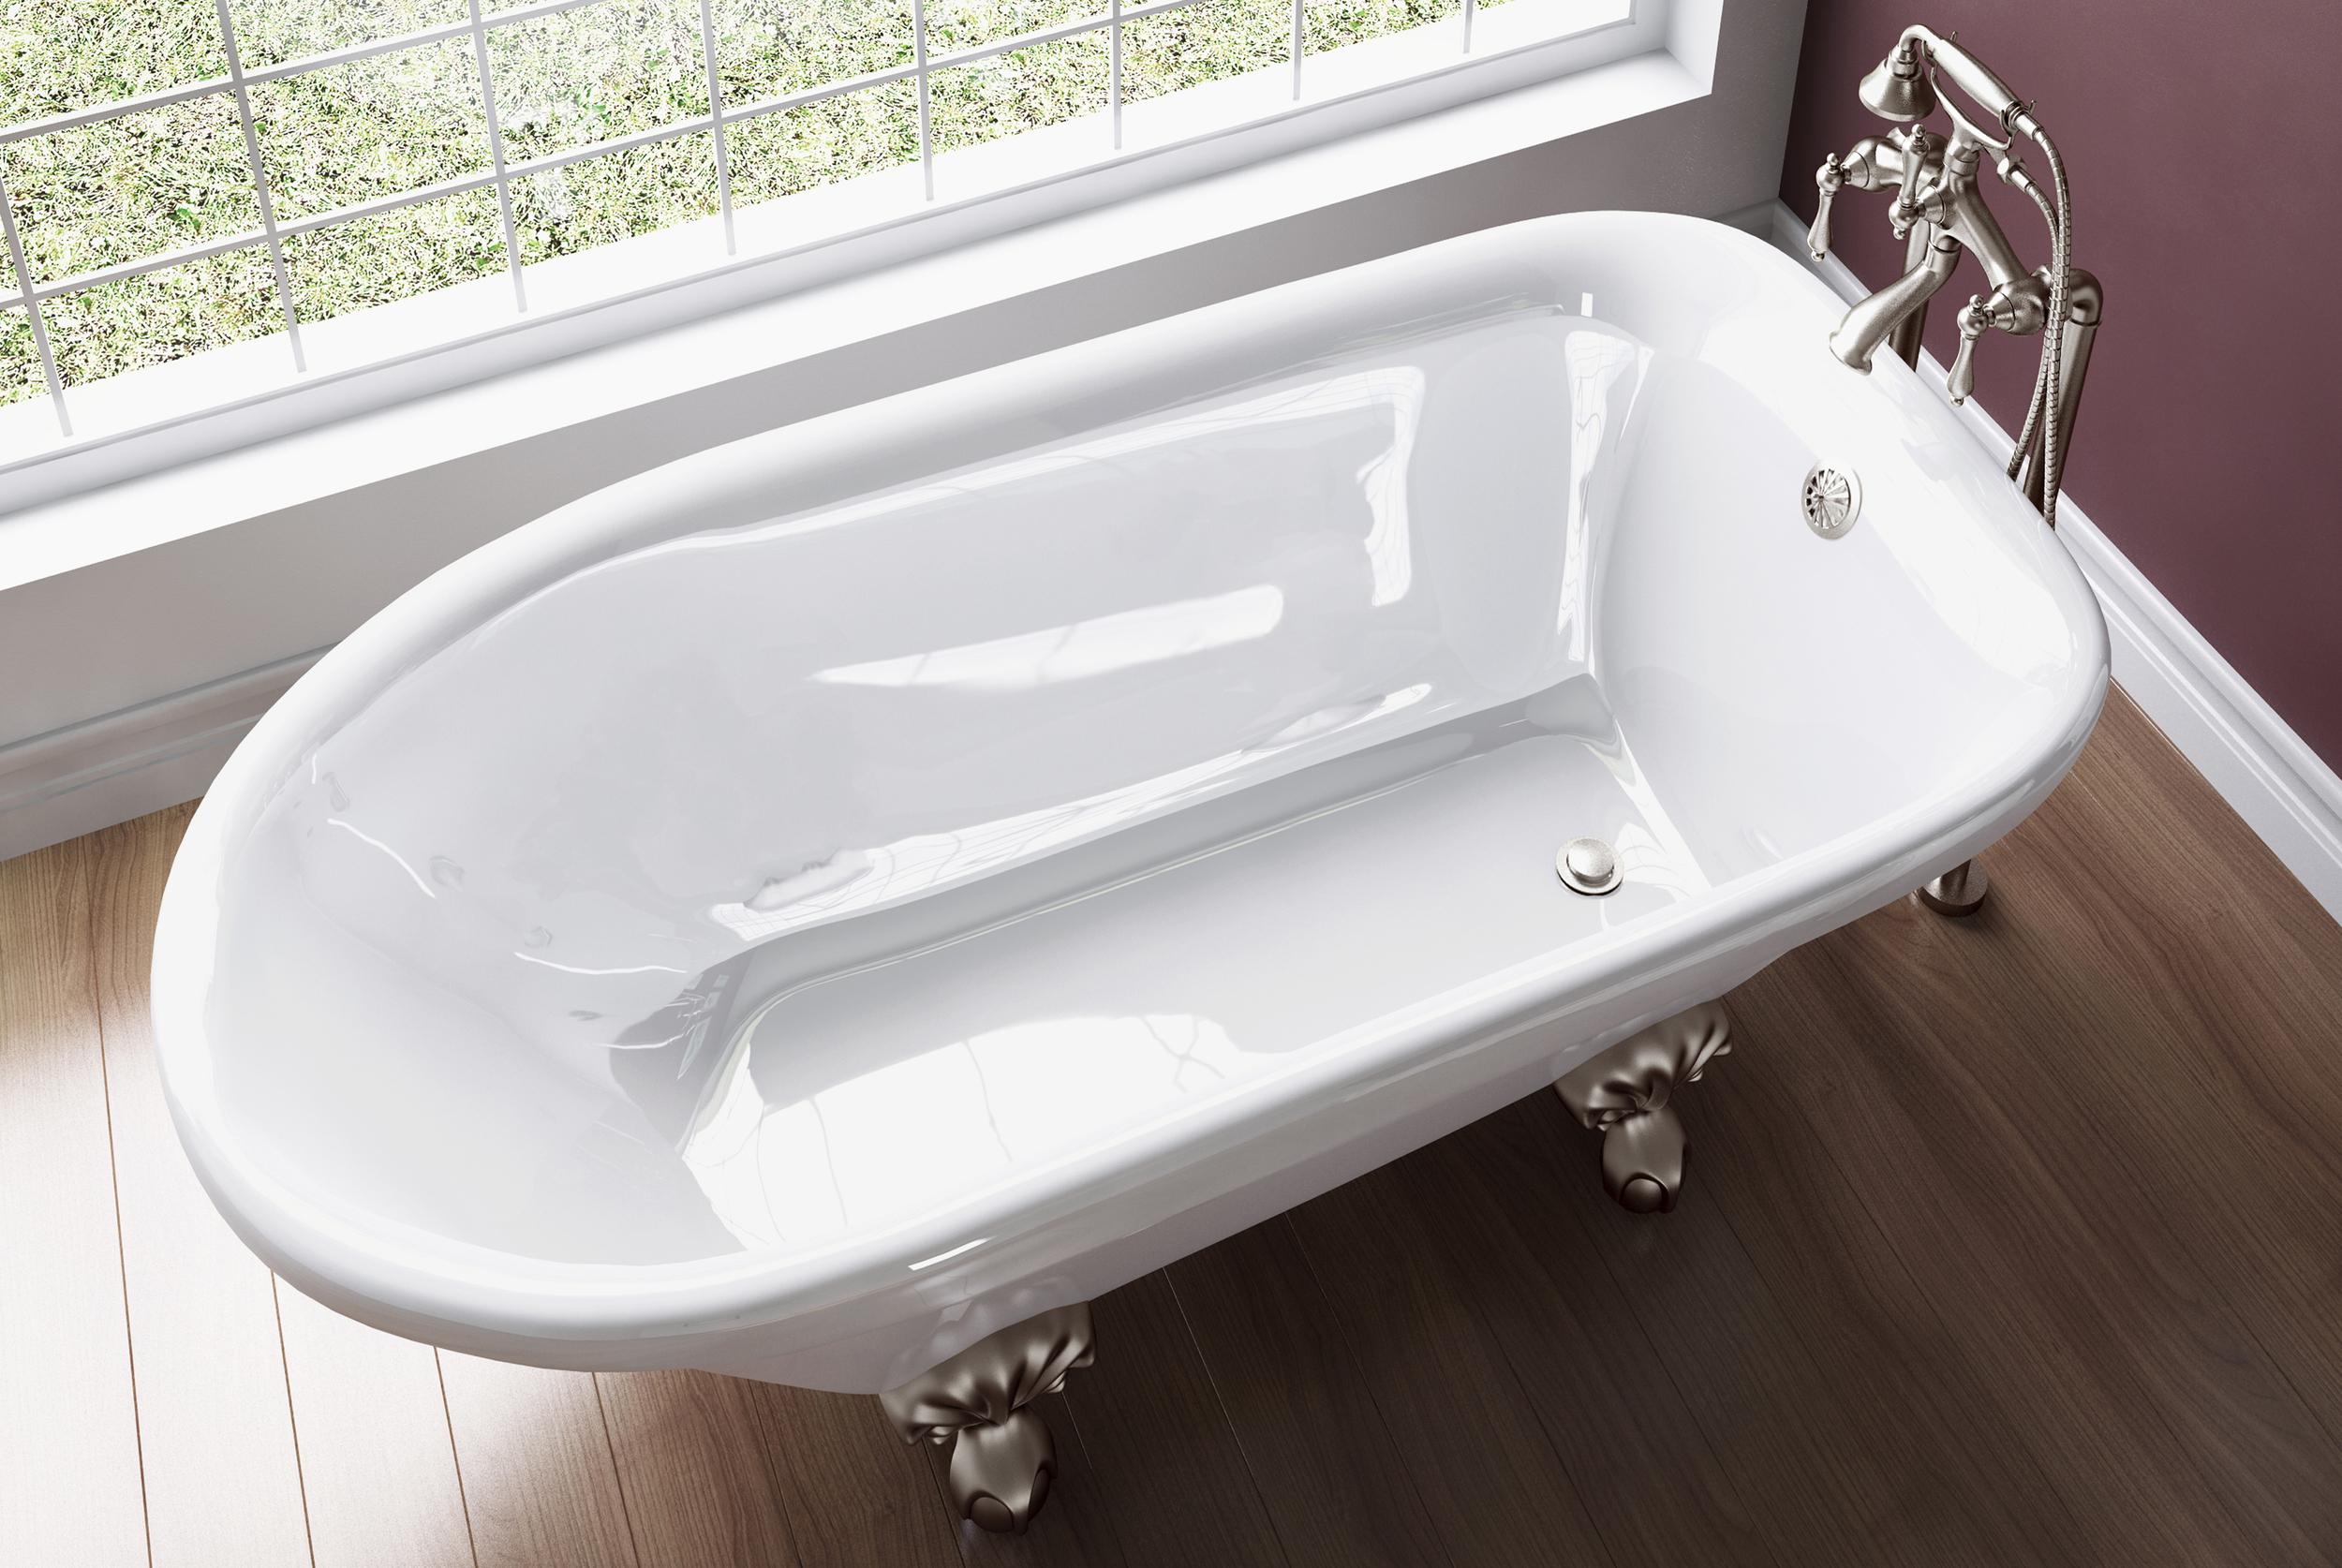 Pelham and White Clawfoot Tub EnduraClean